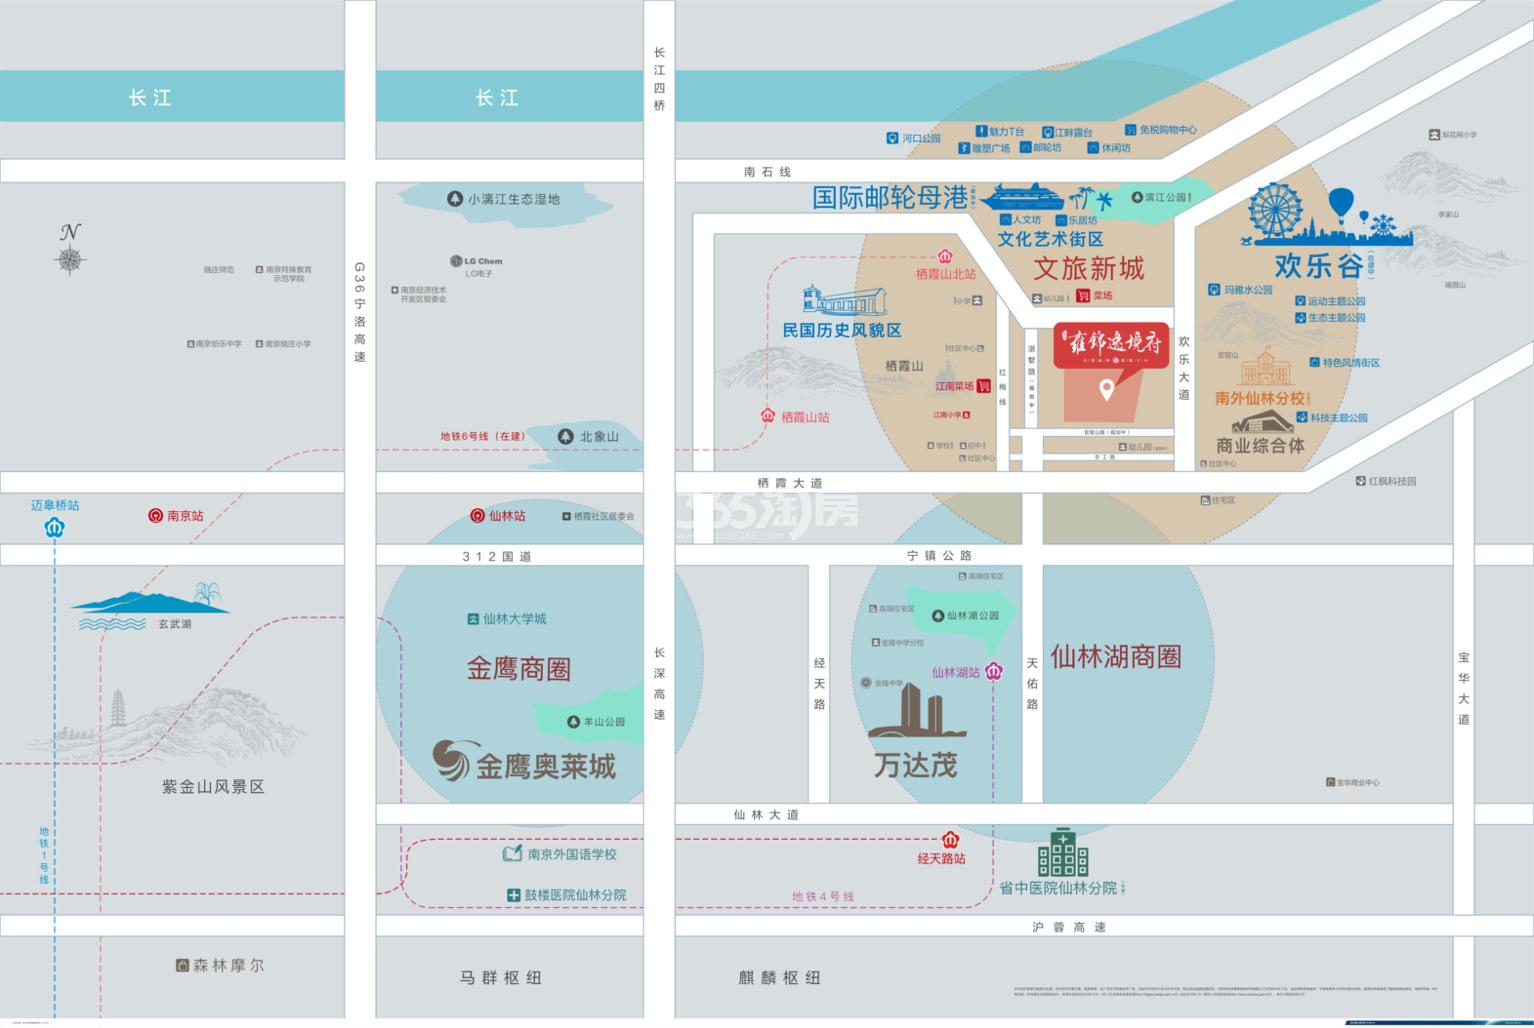 蓝光·雍锦逸境府区位图